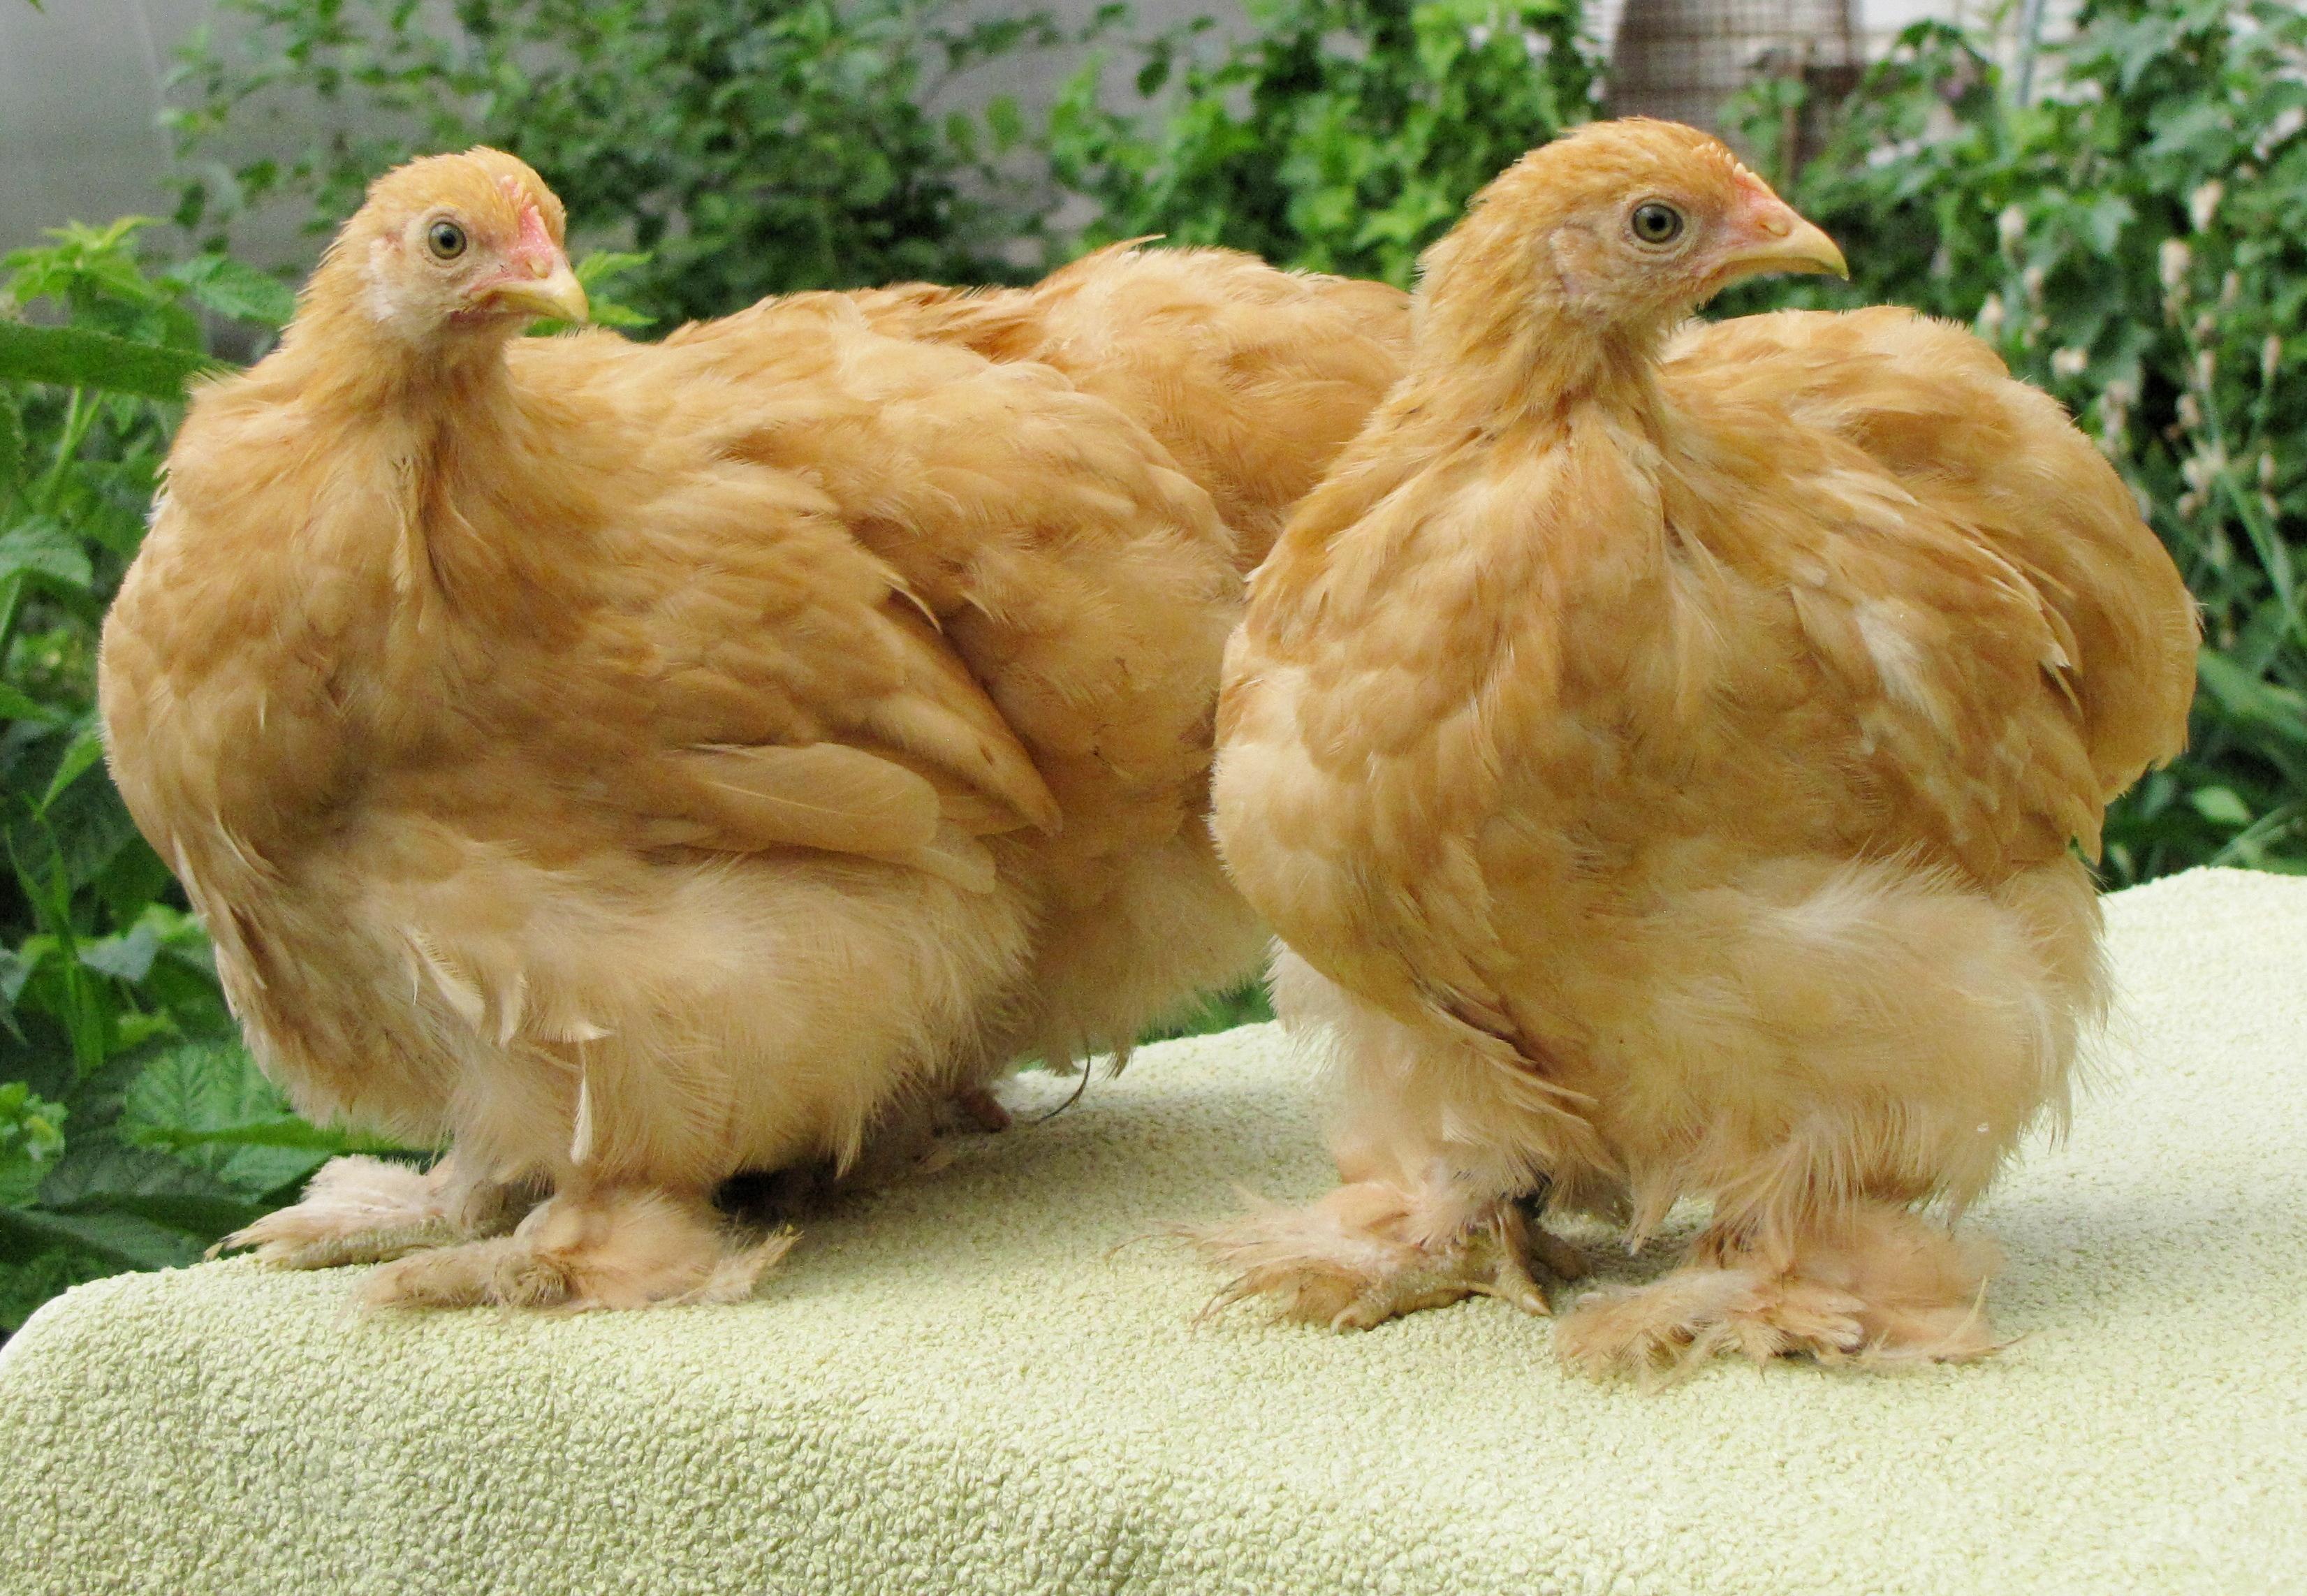 цыплята брама фото и описание уссурийске проживают отзывчивые